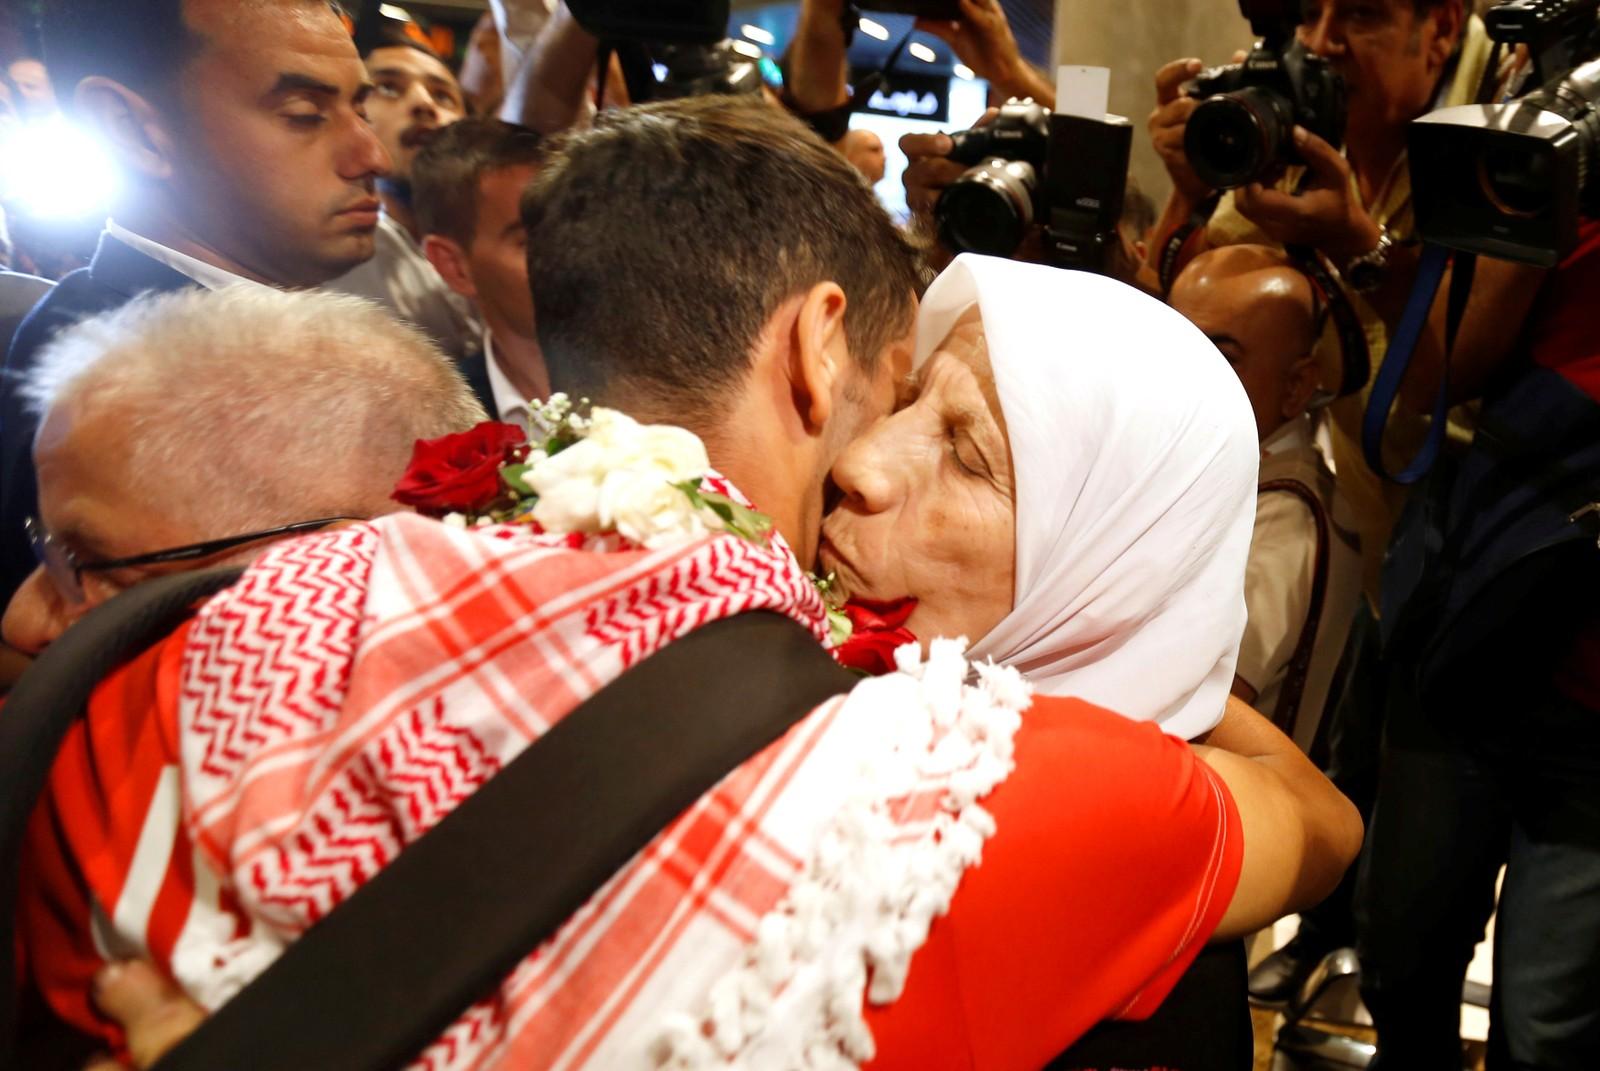 Tatt imot som en helt. Ahmad Abu-Ghaush klemmer moren og faren på flyplassen Quenn Alia i Jordan. 20-åringen vant gull i taekwando i OL i Rio. Det er den første olympiske medaljen Jordan noensinne har vunnet. Bildet er tatt den 23. august.